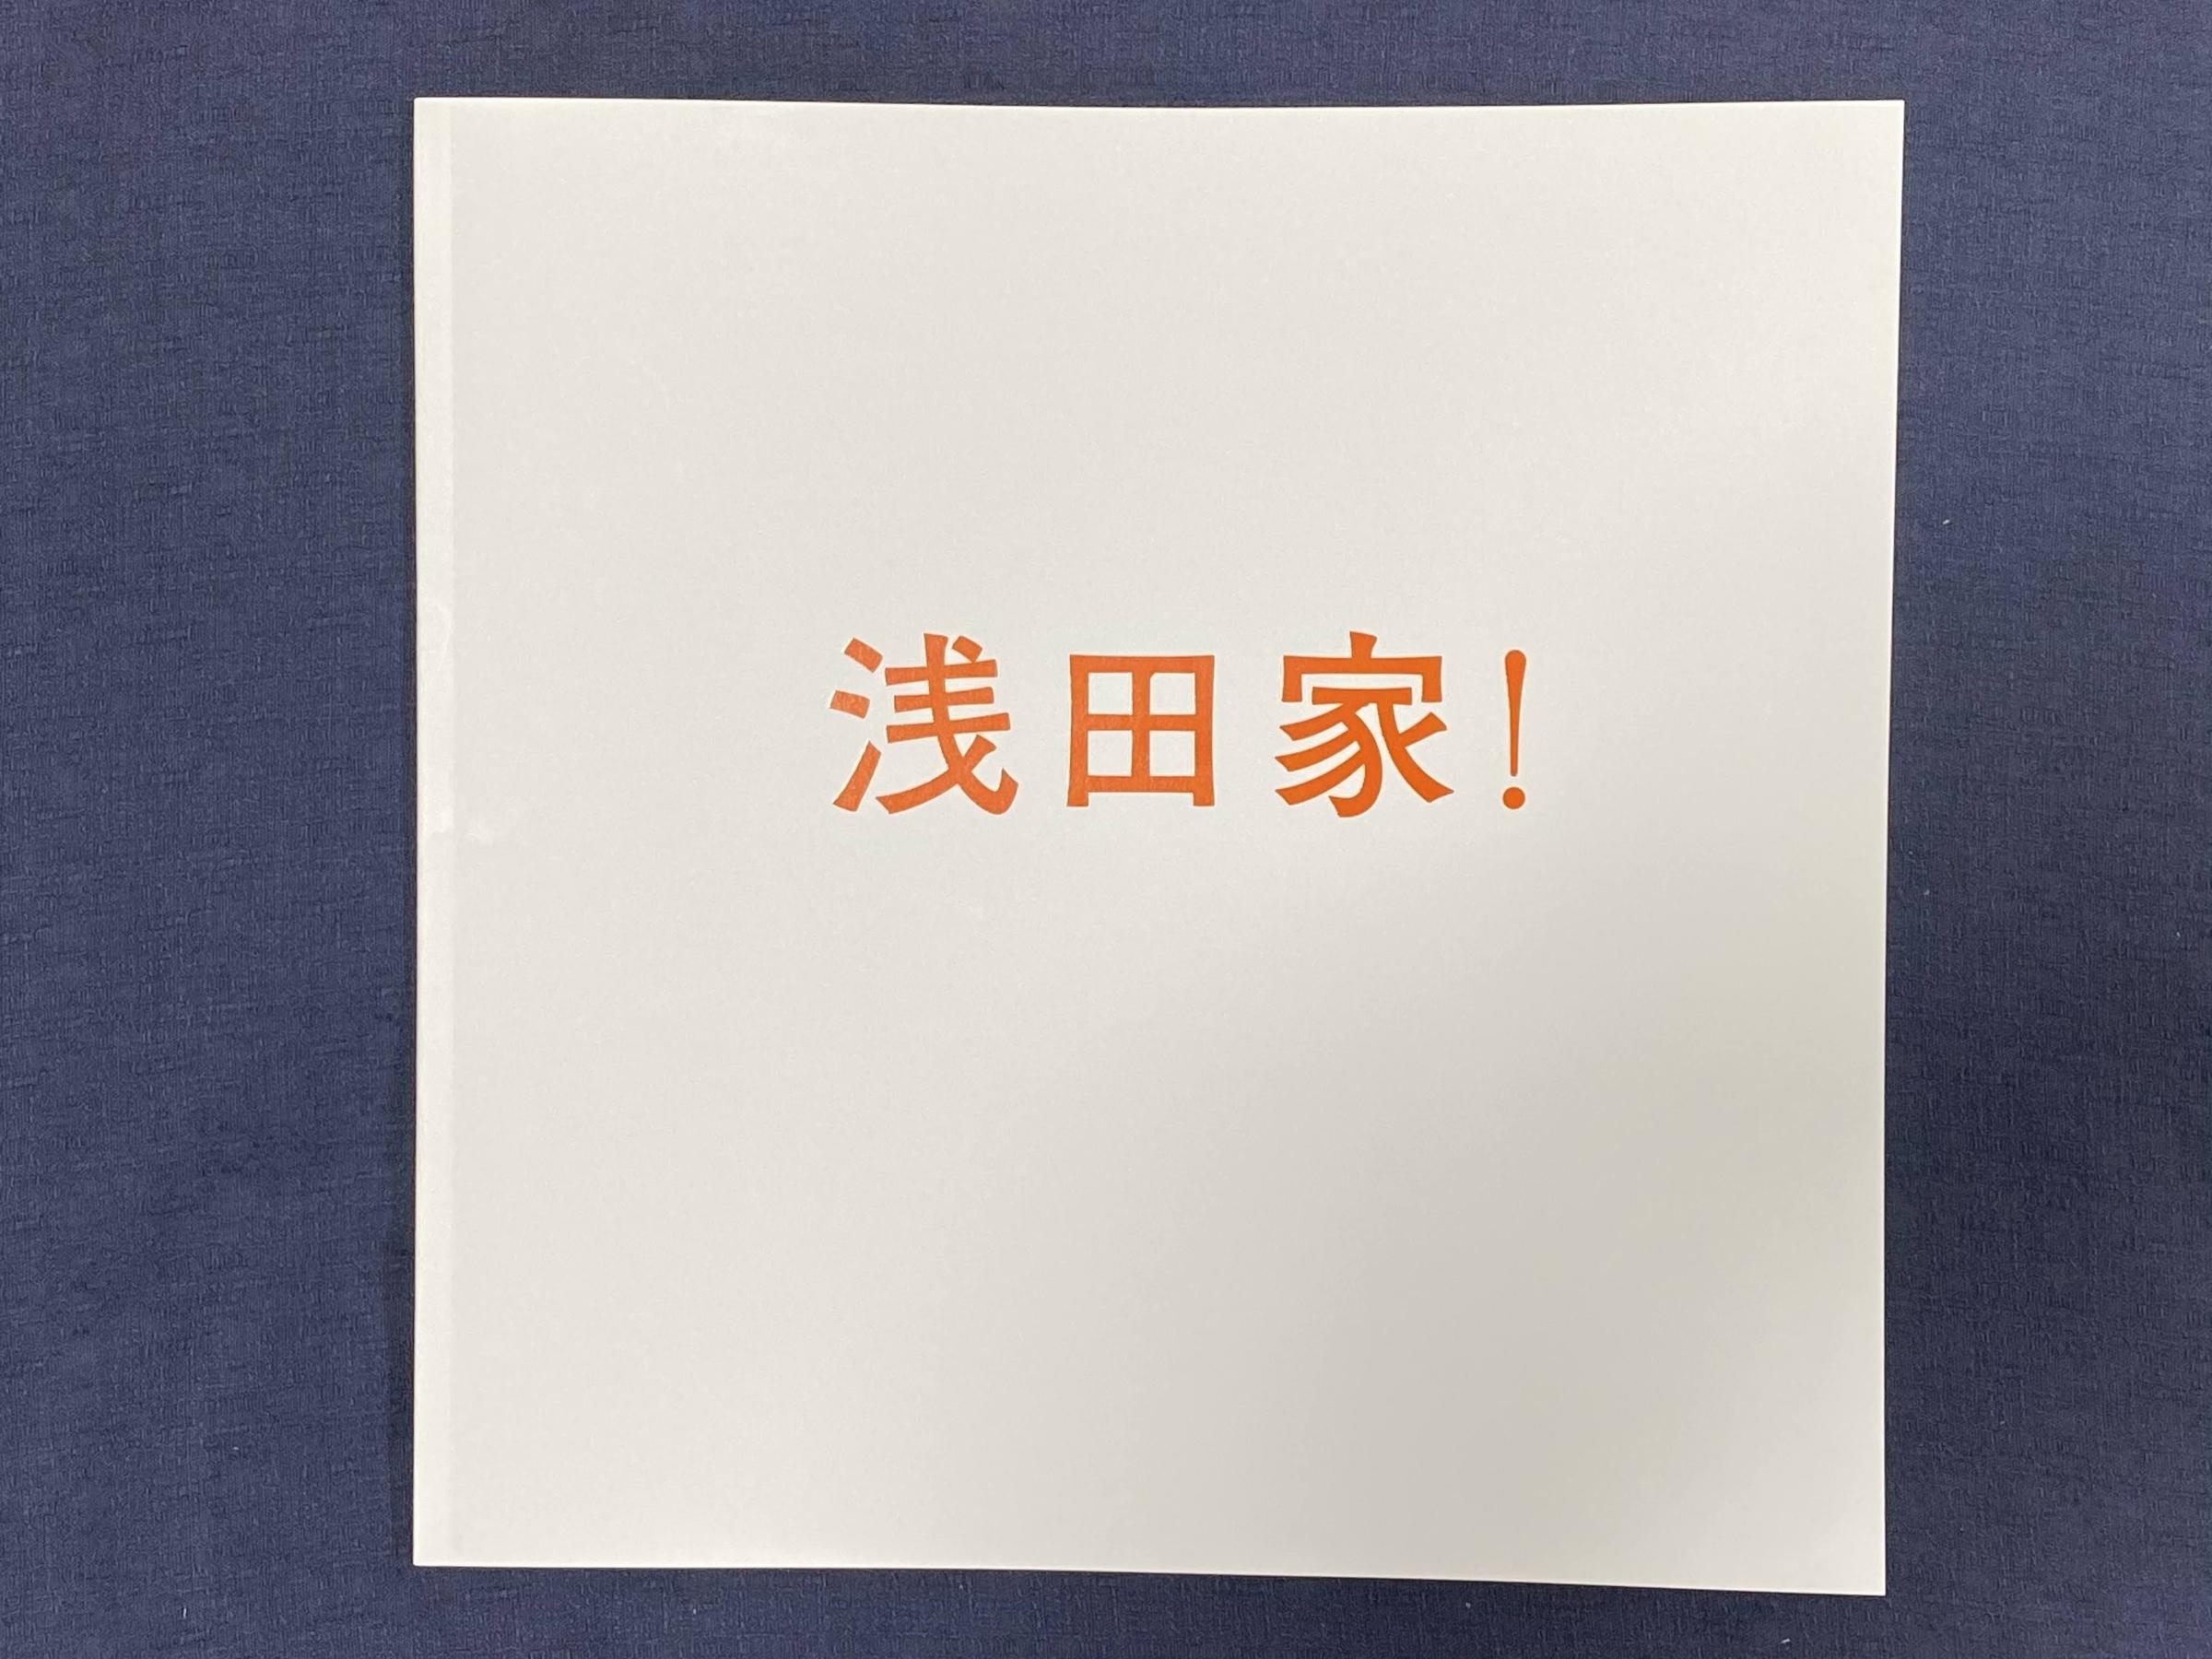 映画浅田家のパンフレット